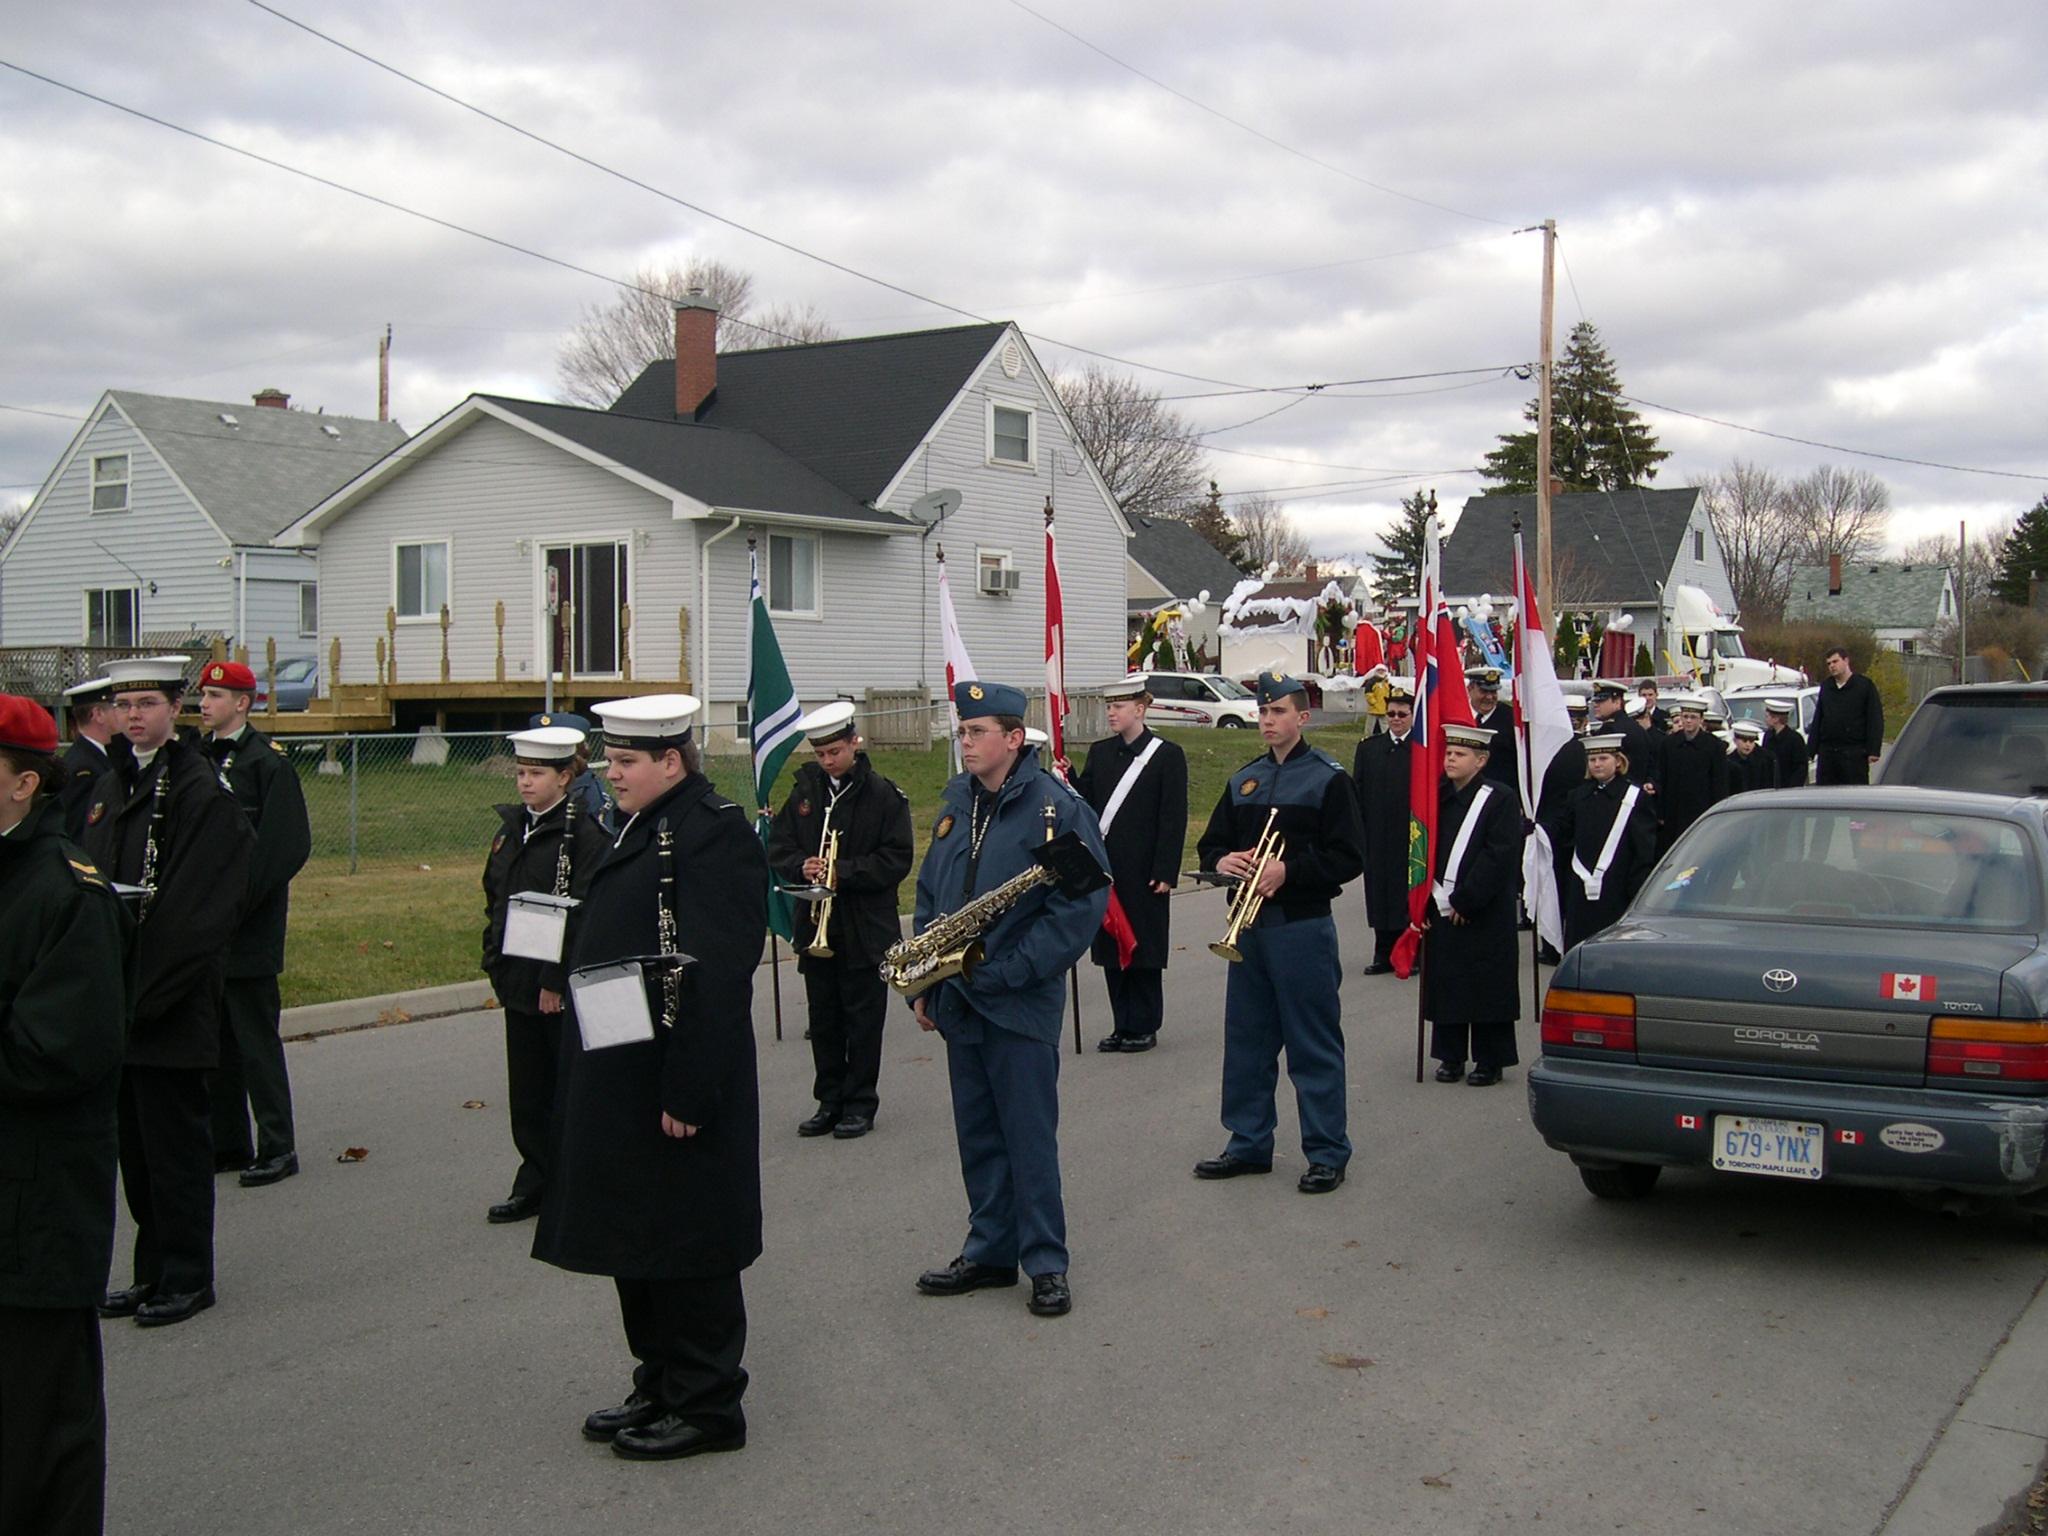 04-11-21 Cobourg Santa Claus Parade, Photo 05